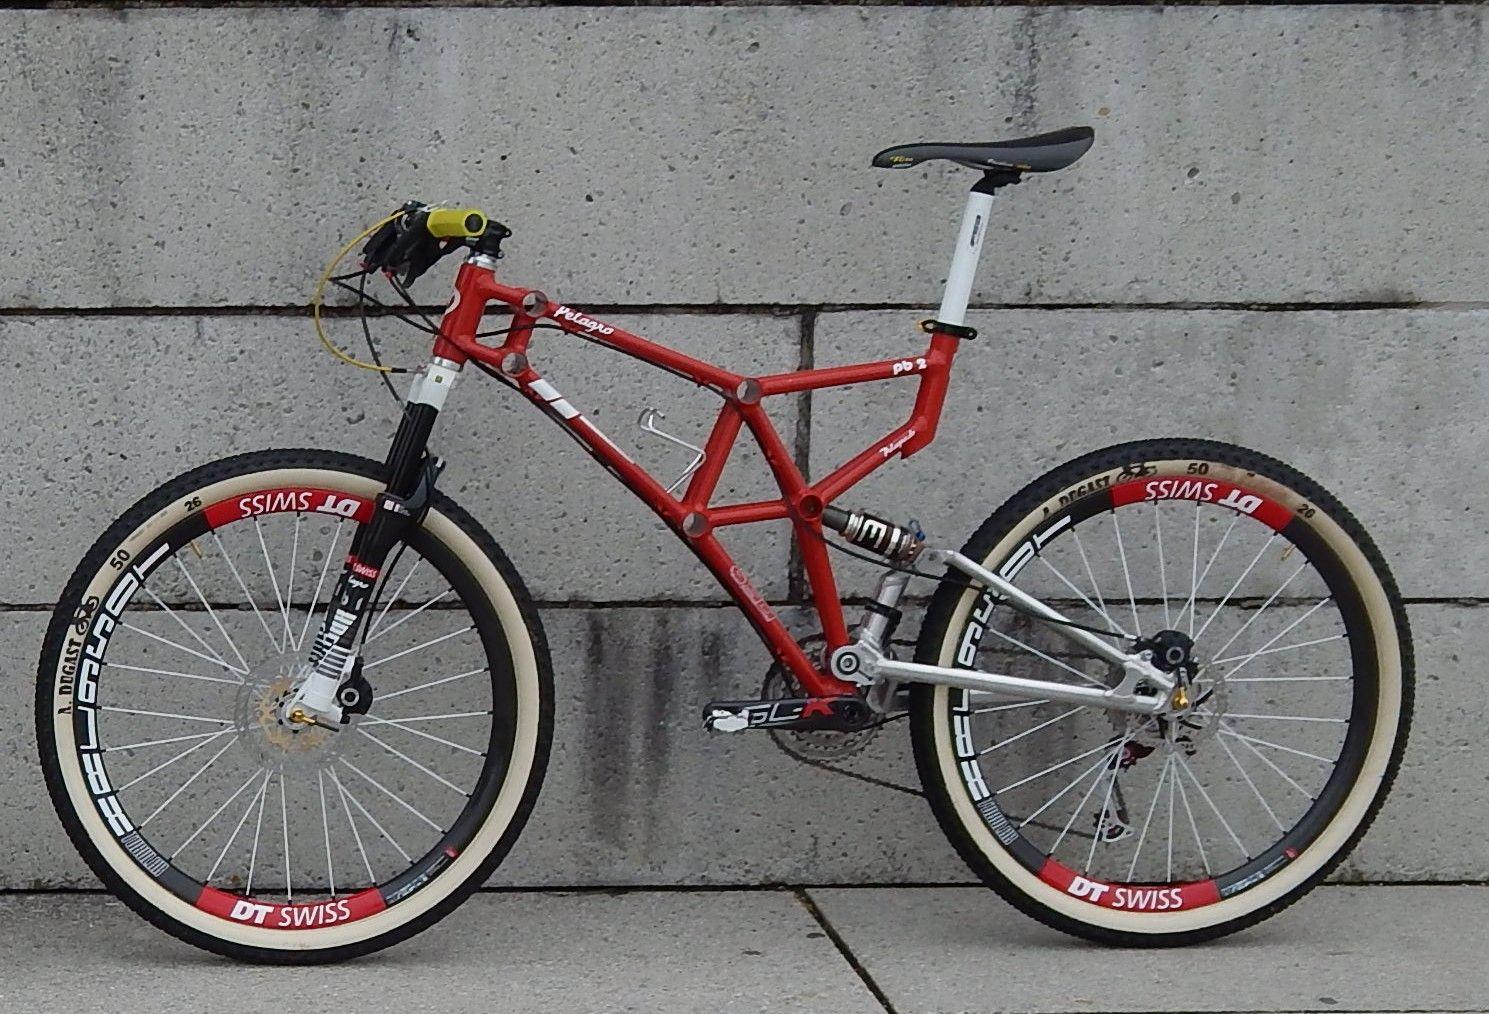 Pelagro Pb 2 Fahrrad Design Fahrrad Mountainbike